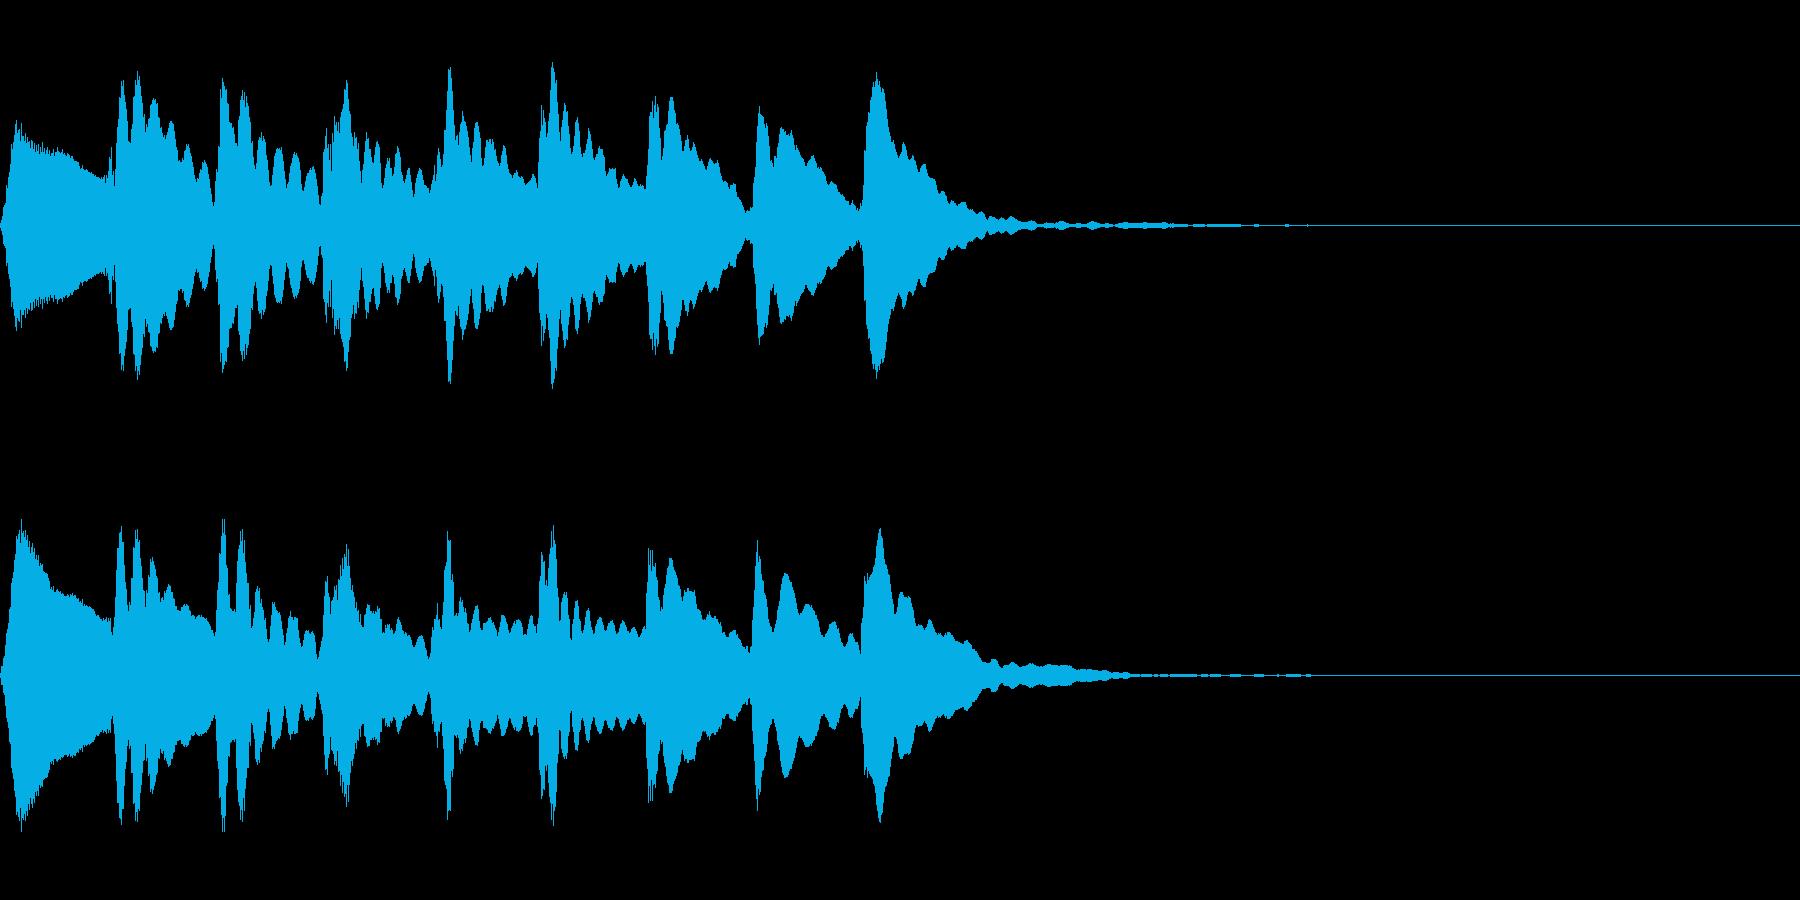 マリンバの上昇音の再生済みの波形